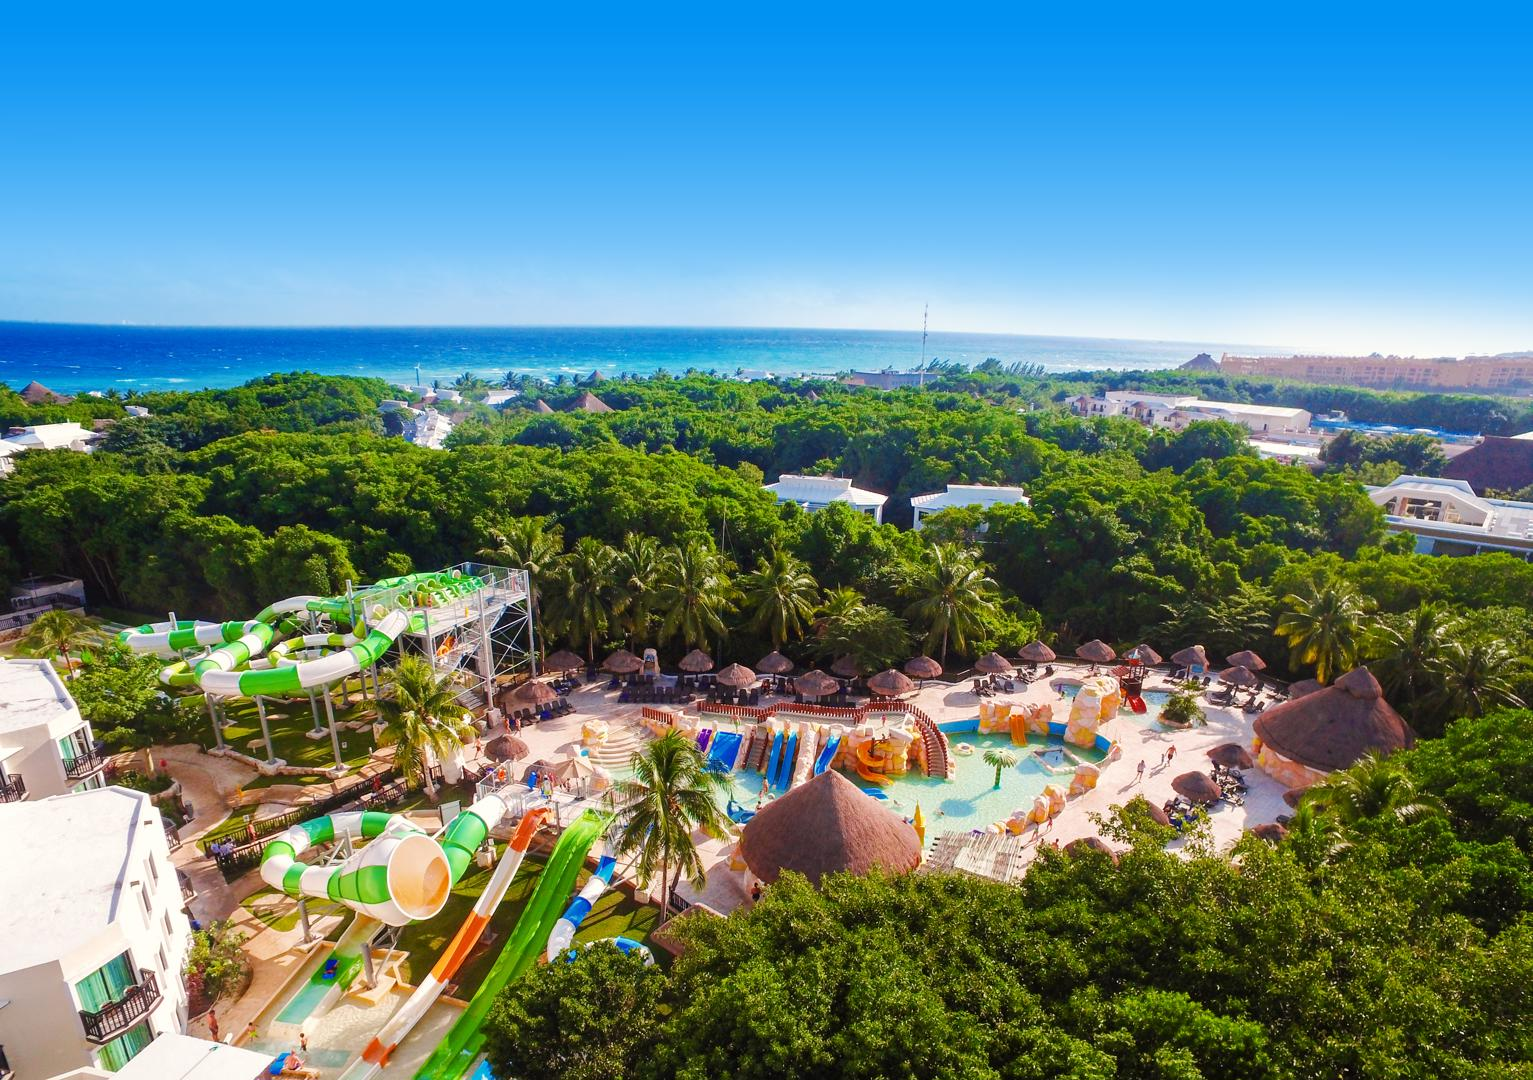 8 daagse vliegvakantie naar Sandos Caracol Eco Resort in playa del carmen, mexico